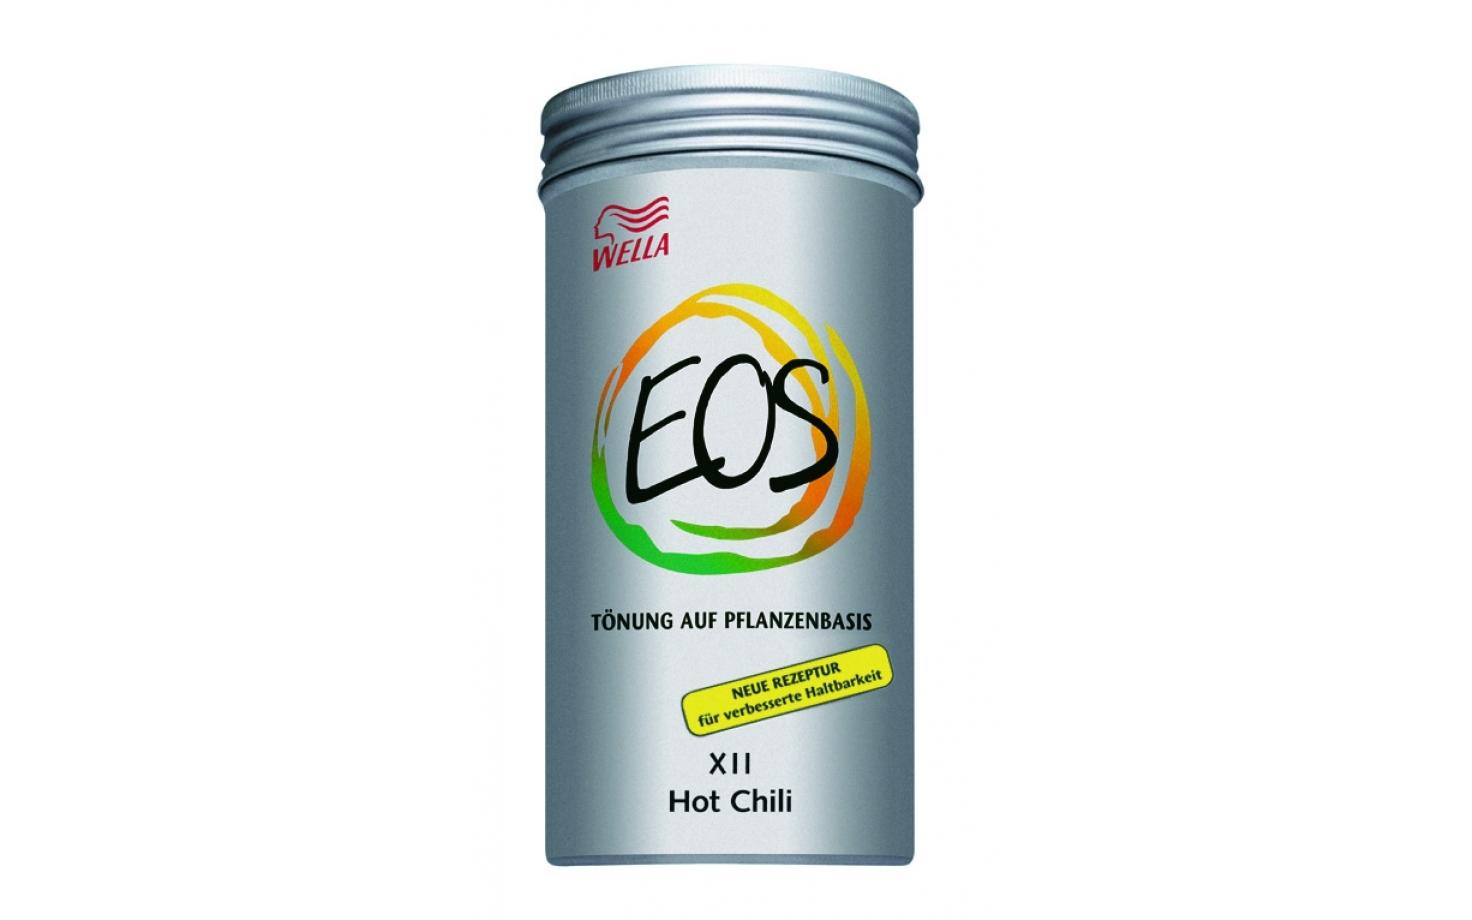 Wella EOS Pflanzentönung 120 g II Muskatnuß